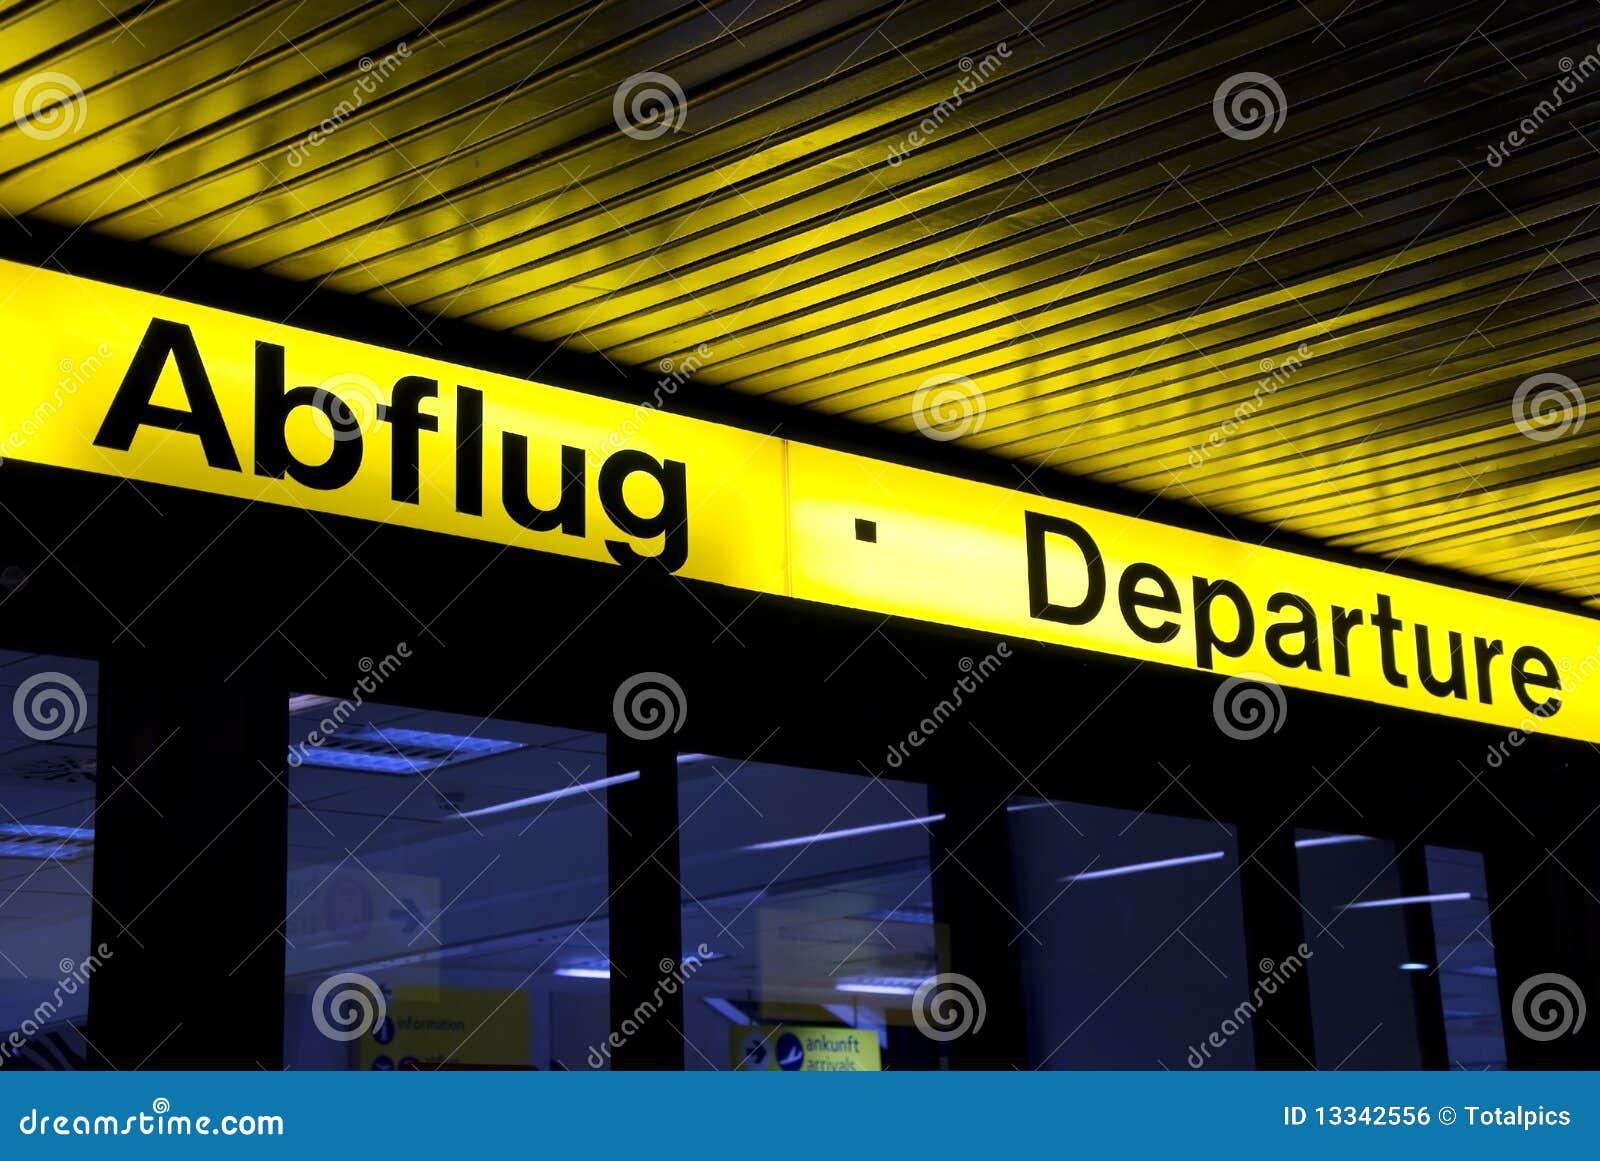 Abflug odjazdy